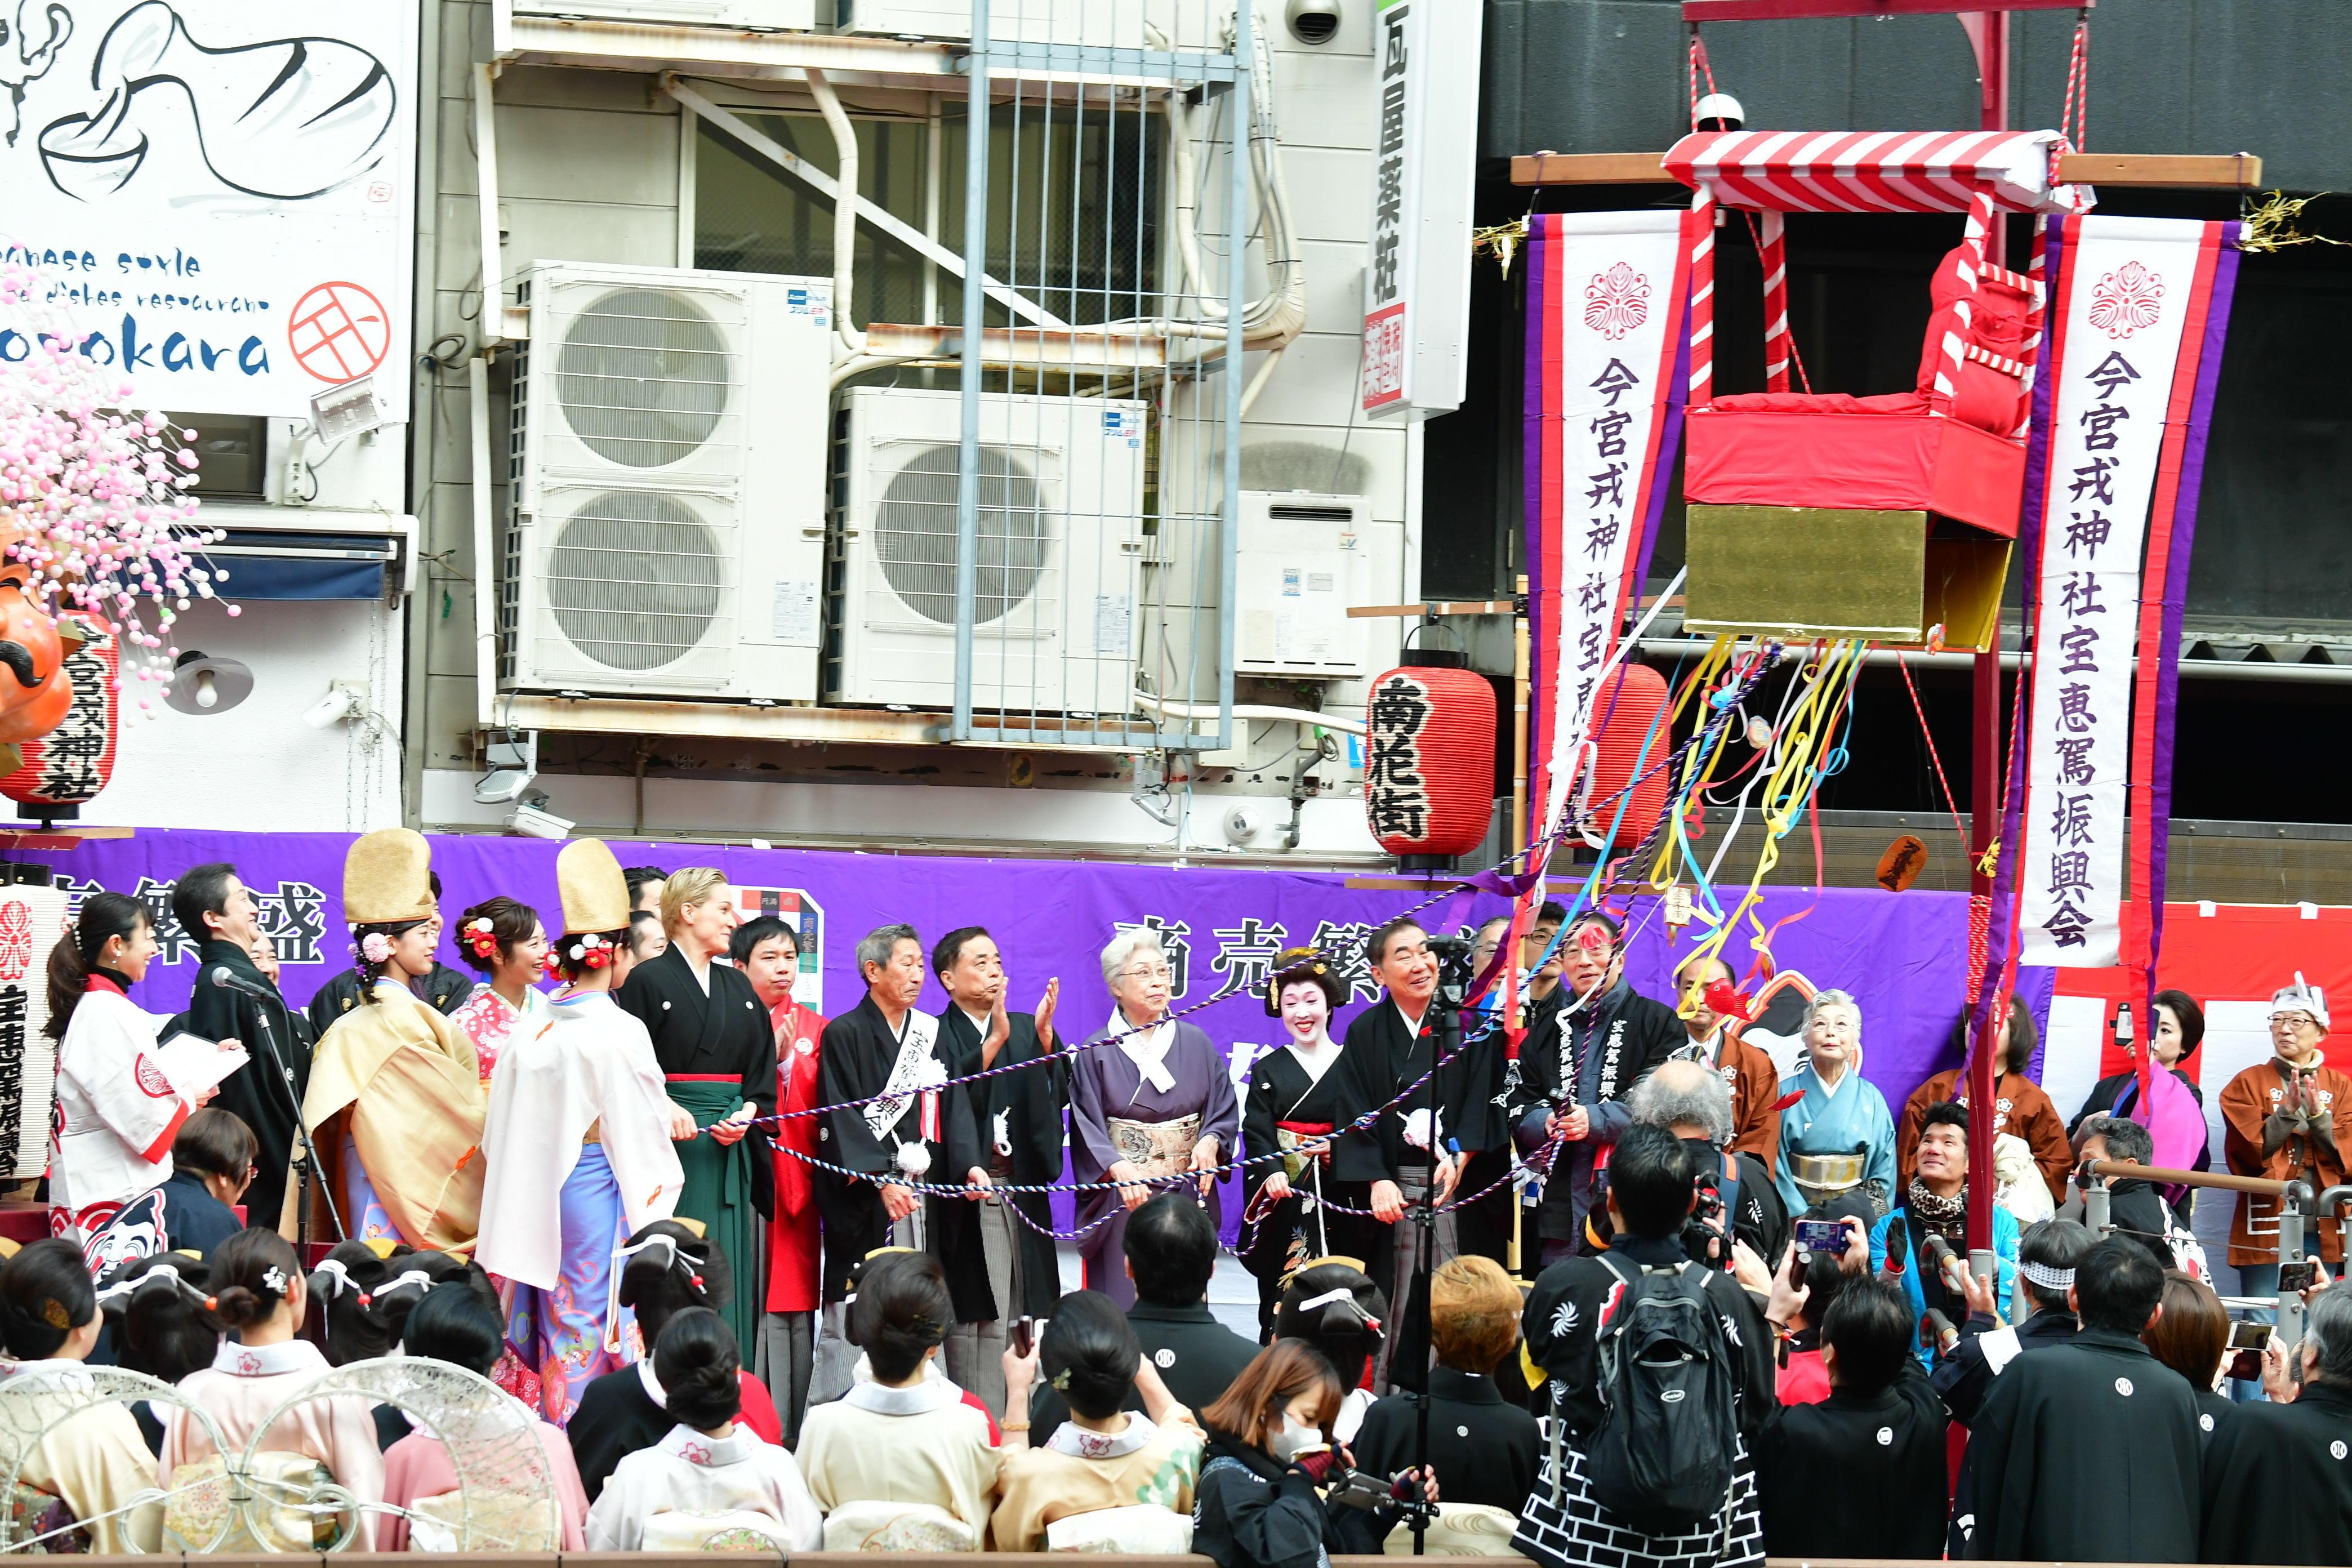 http://news.yoshimoto.co.jp/20190110195143-2becdfe8d5c0a04b6907565c8aeb3db86326a62d.jpg